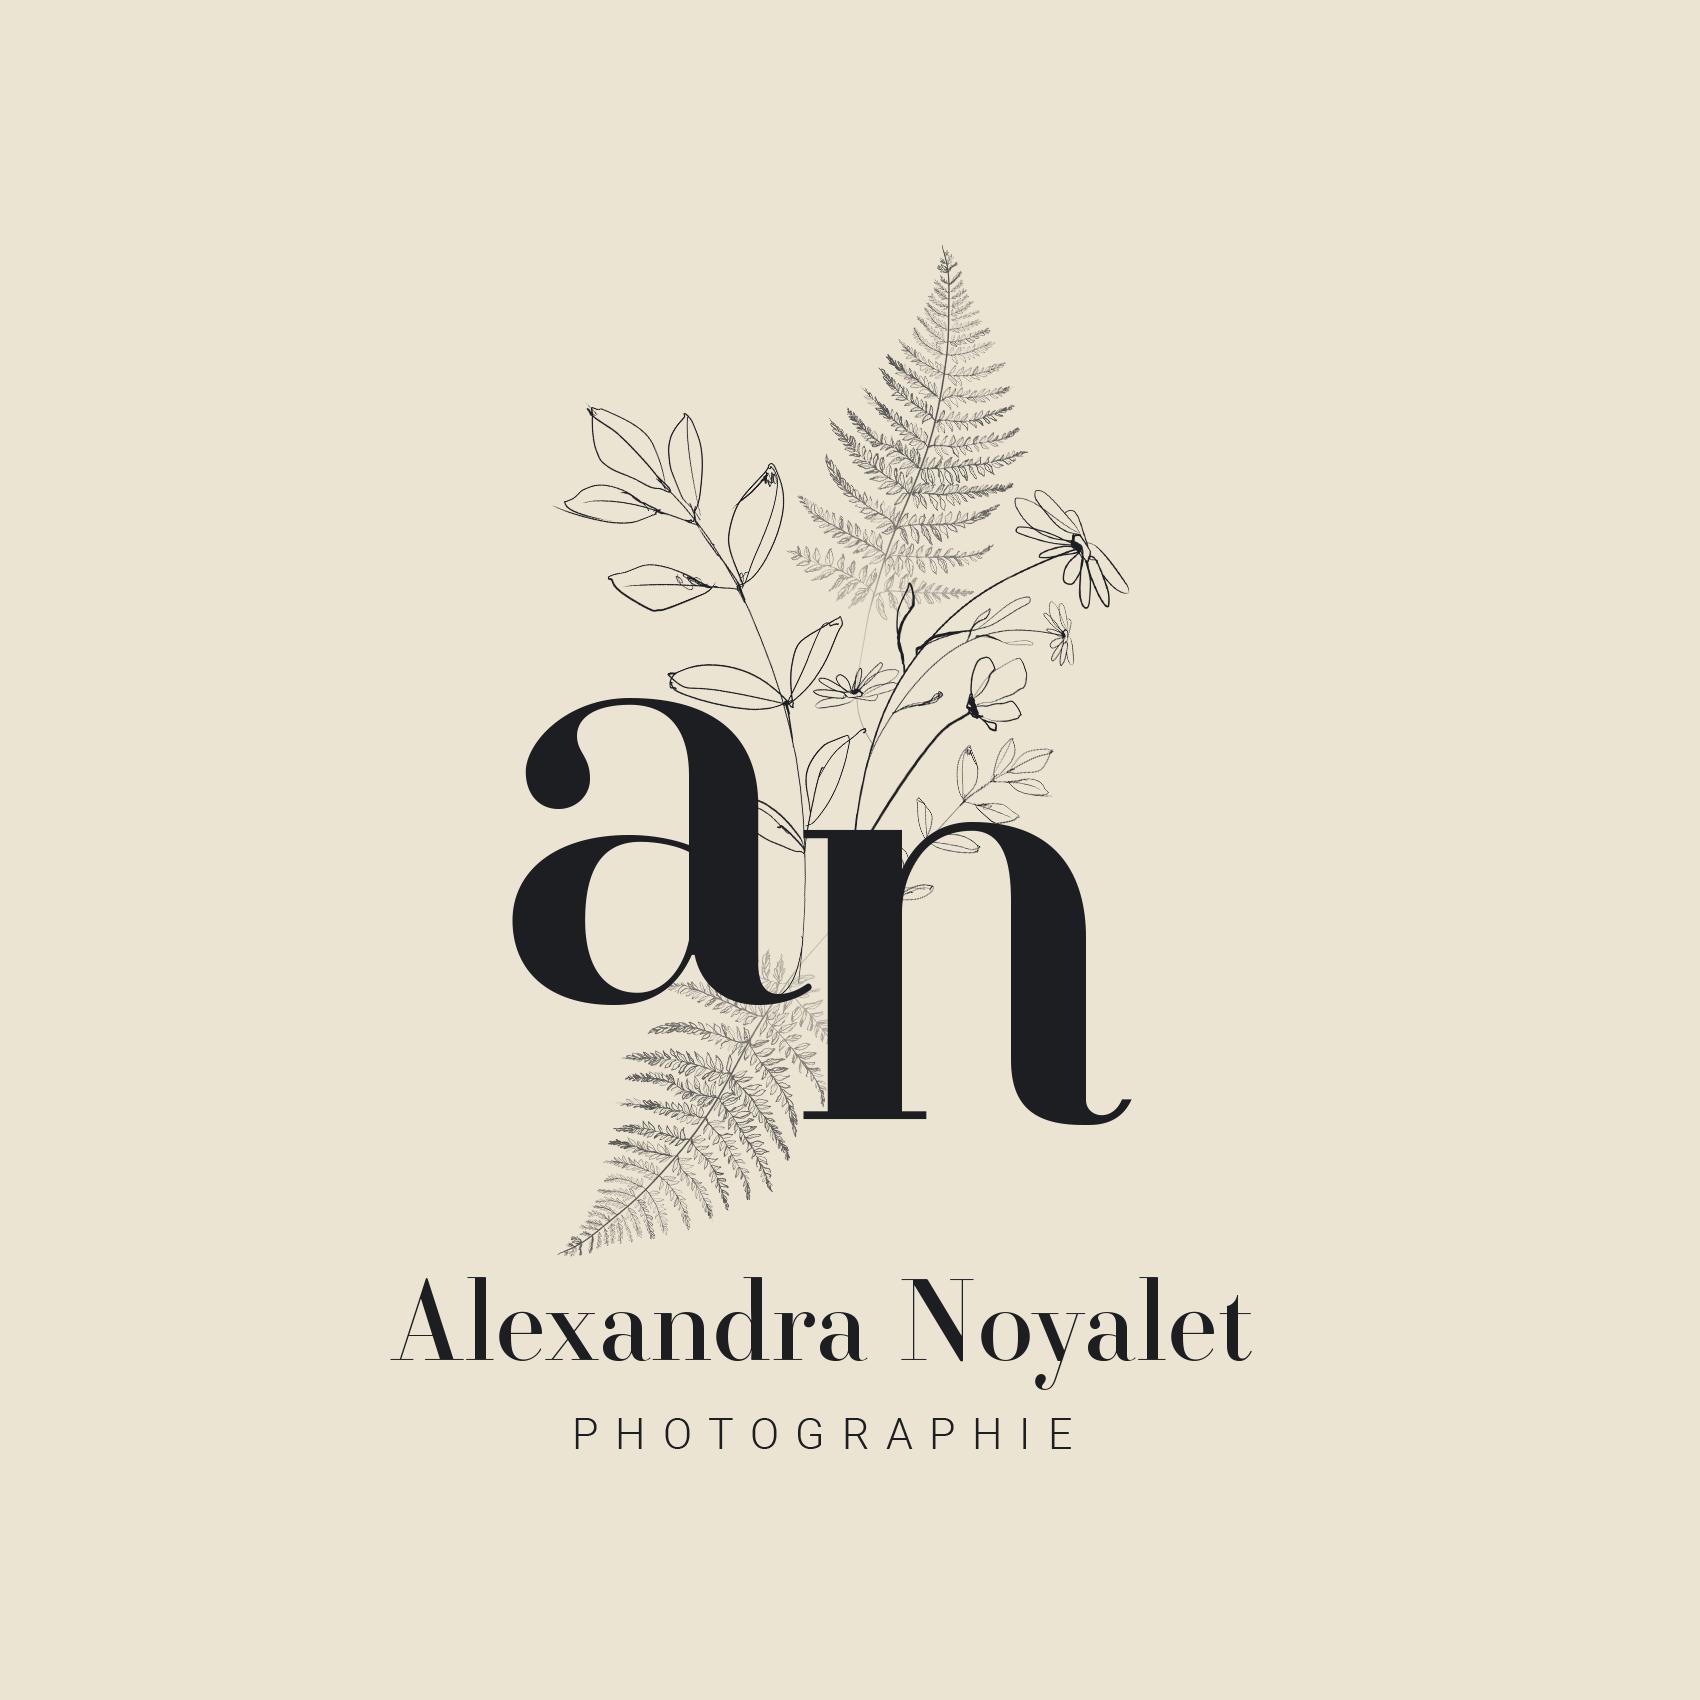 Alexandra Noyalet